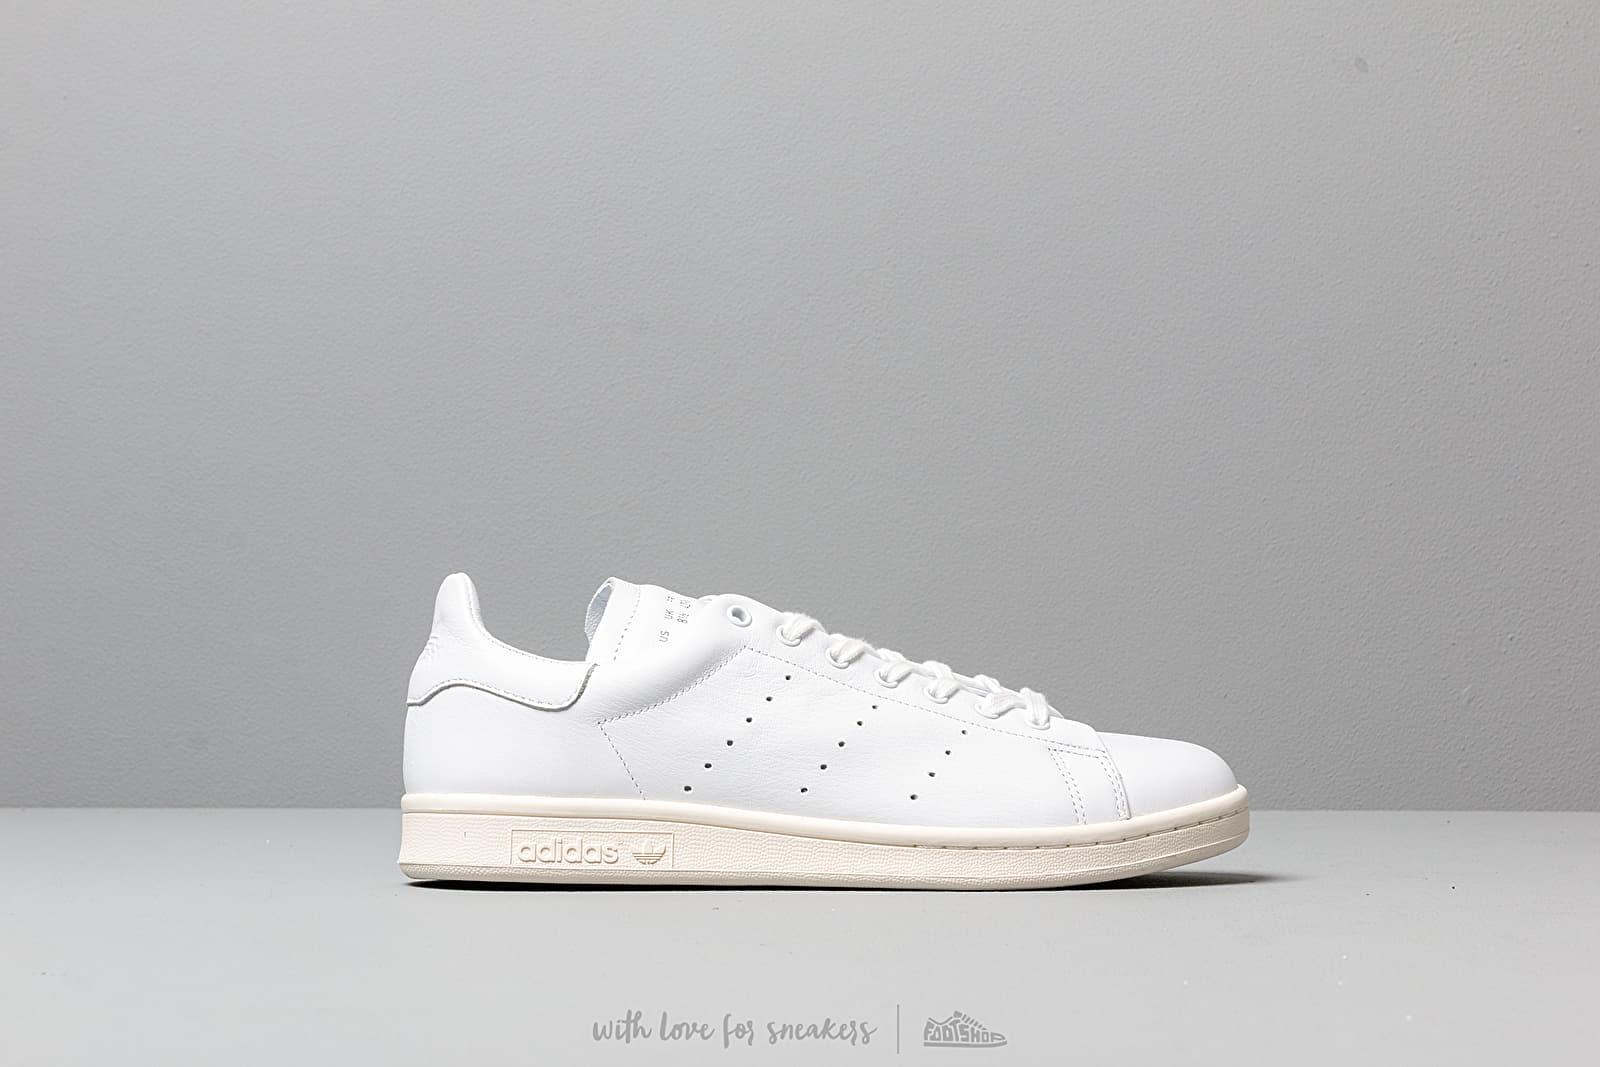 adidas Stan Smith Recon Ftw White Ftw White Off White   Footshop